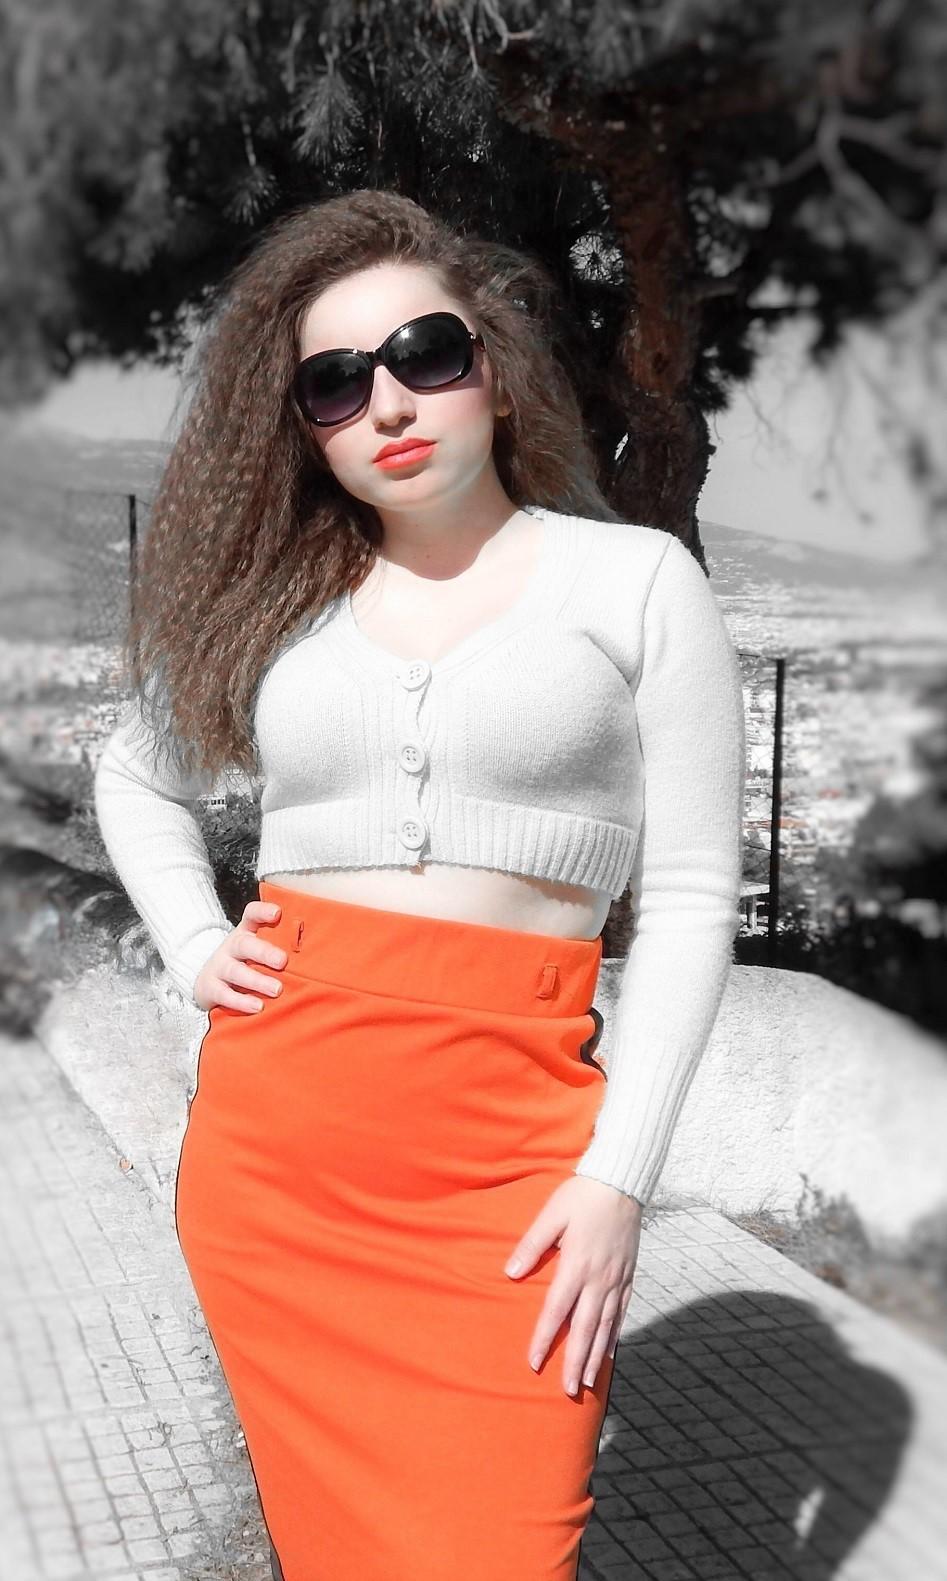 lorena_stroka_biografia_albania-street-style-albstroka-blog